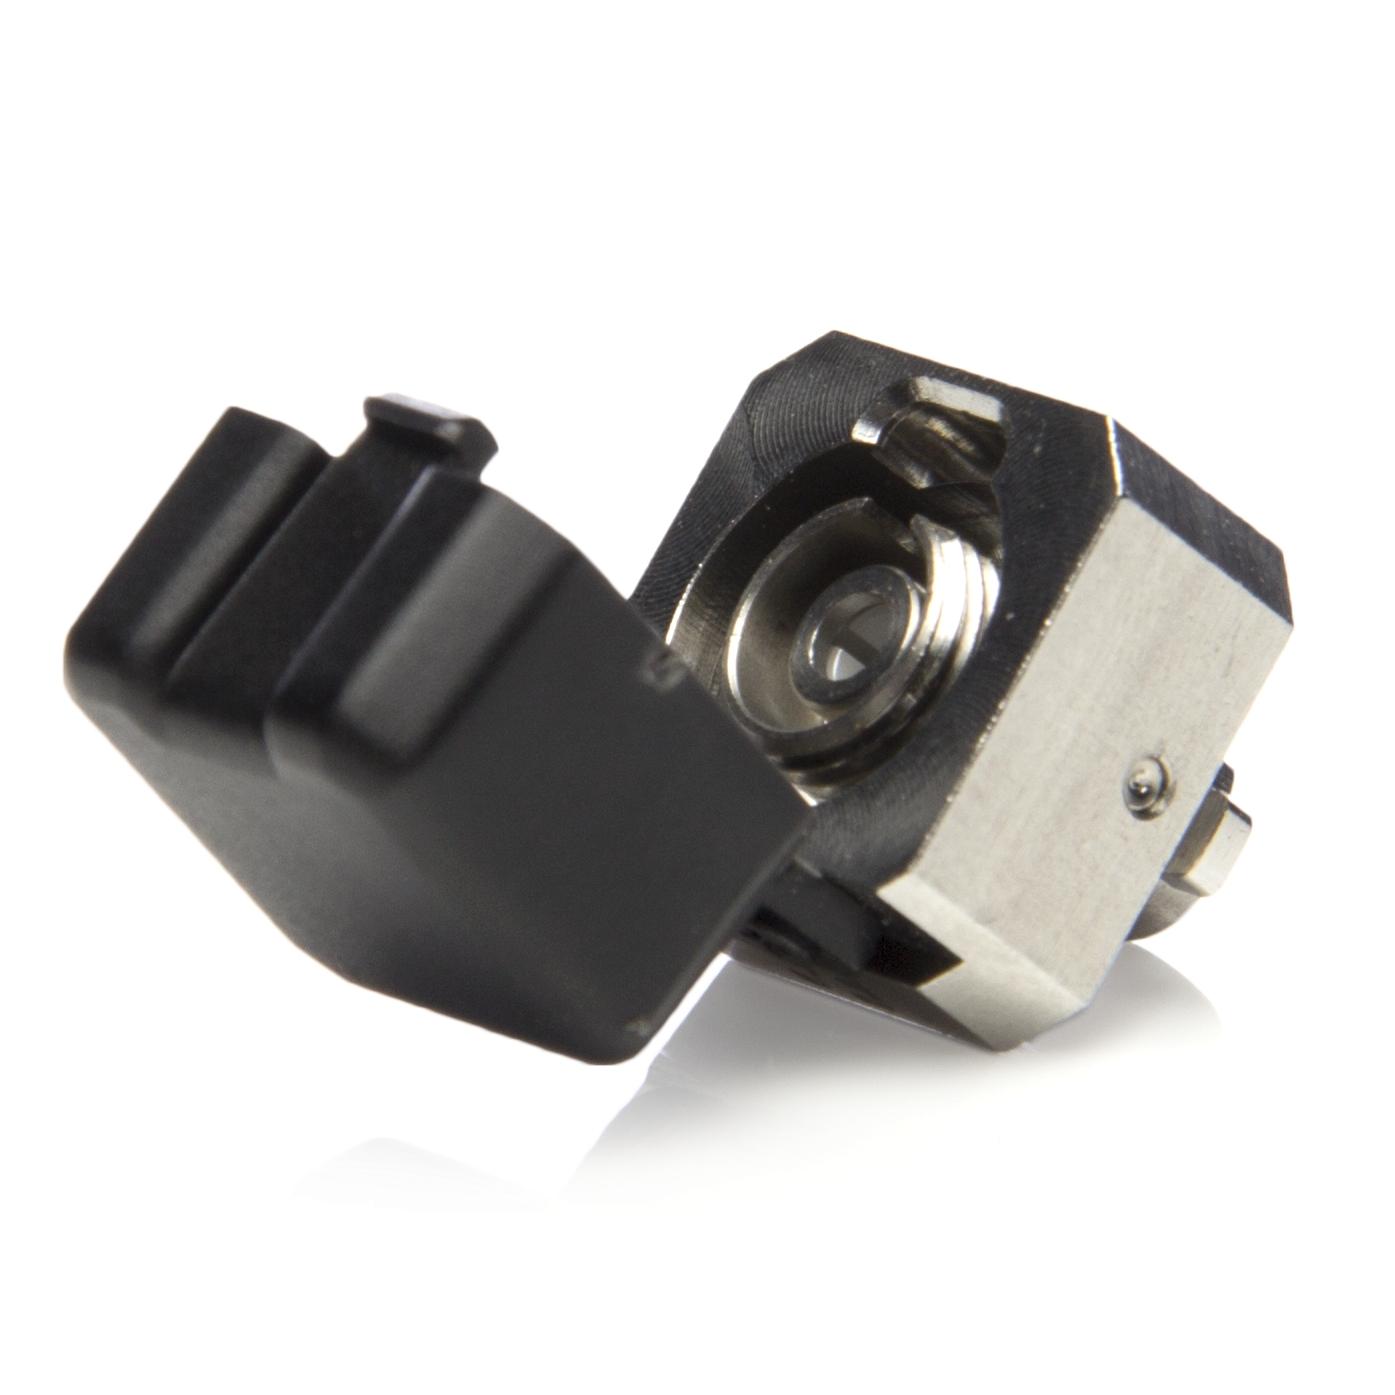 EXFO EUI-89 : Сменный адаптер FC для портативных источников излучения и оптических рефлектометров